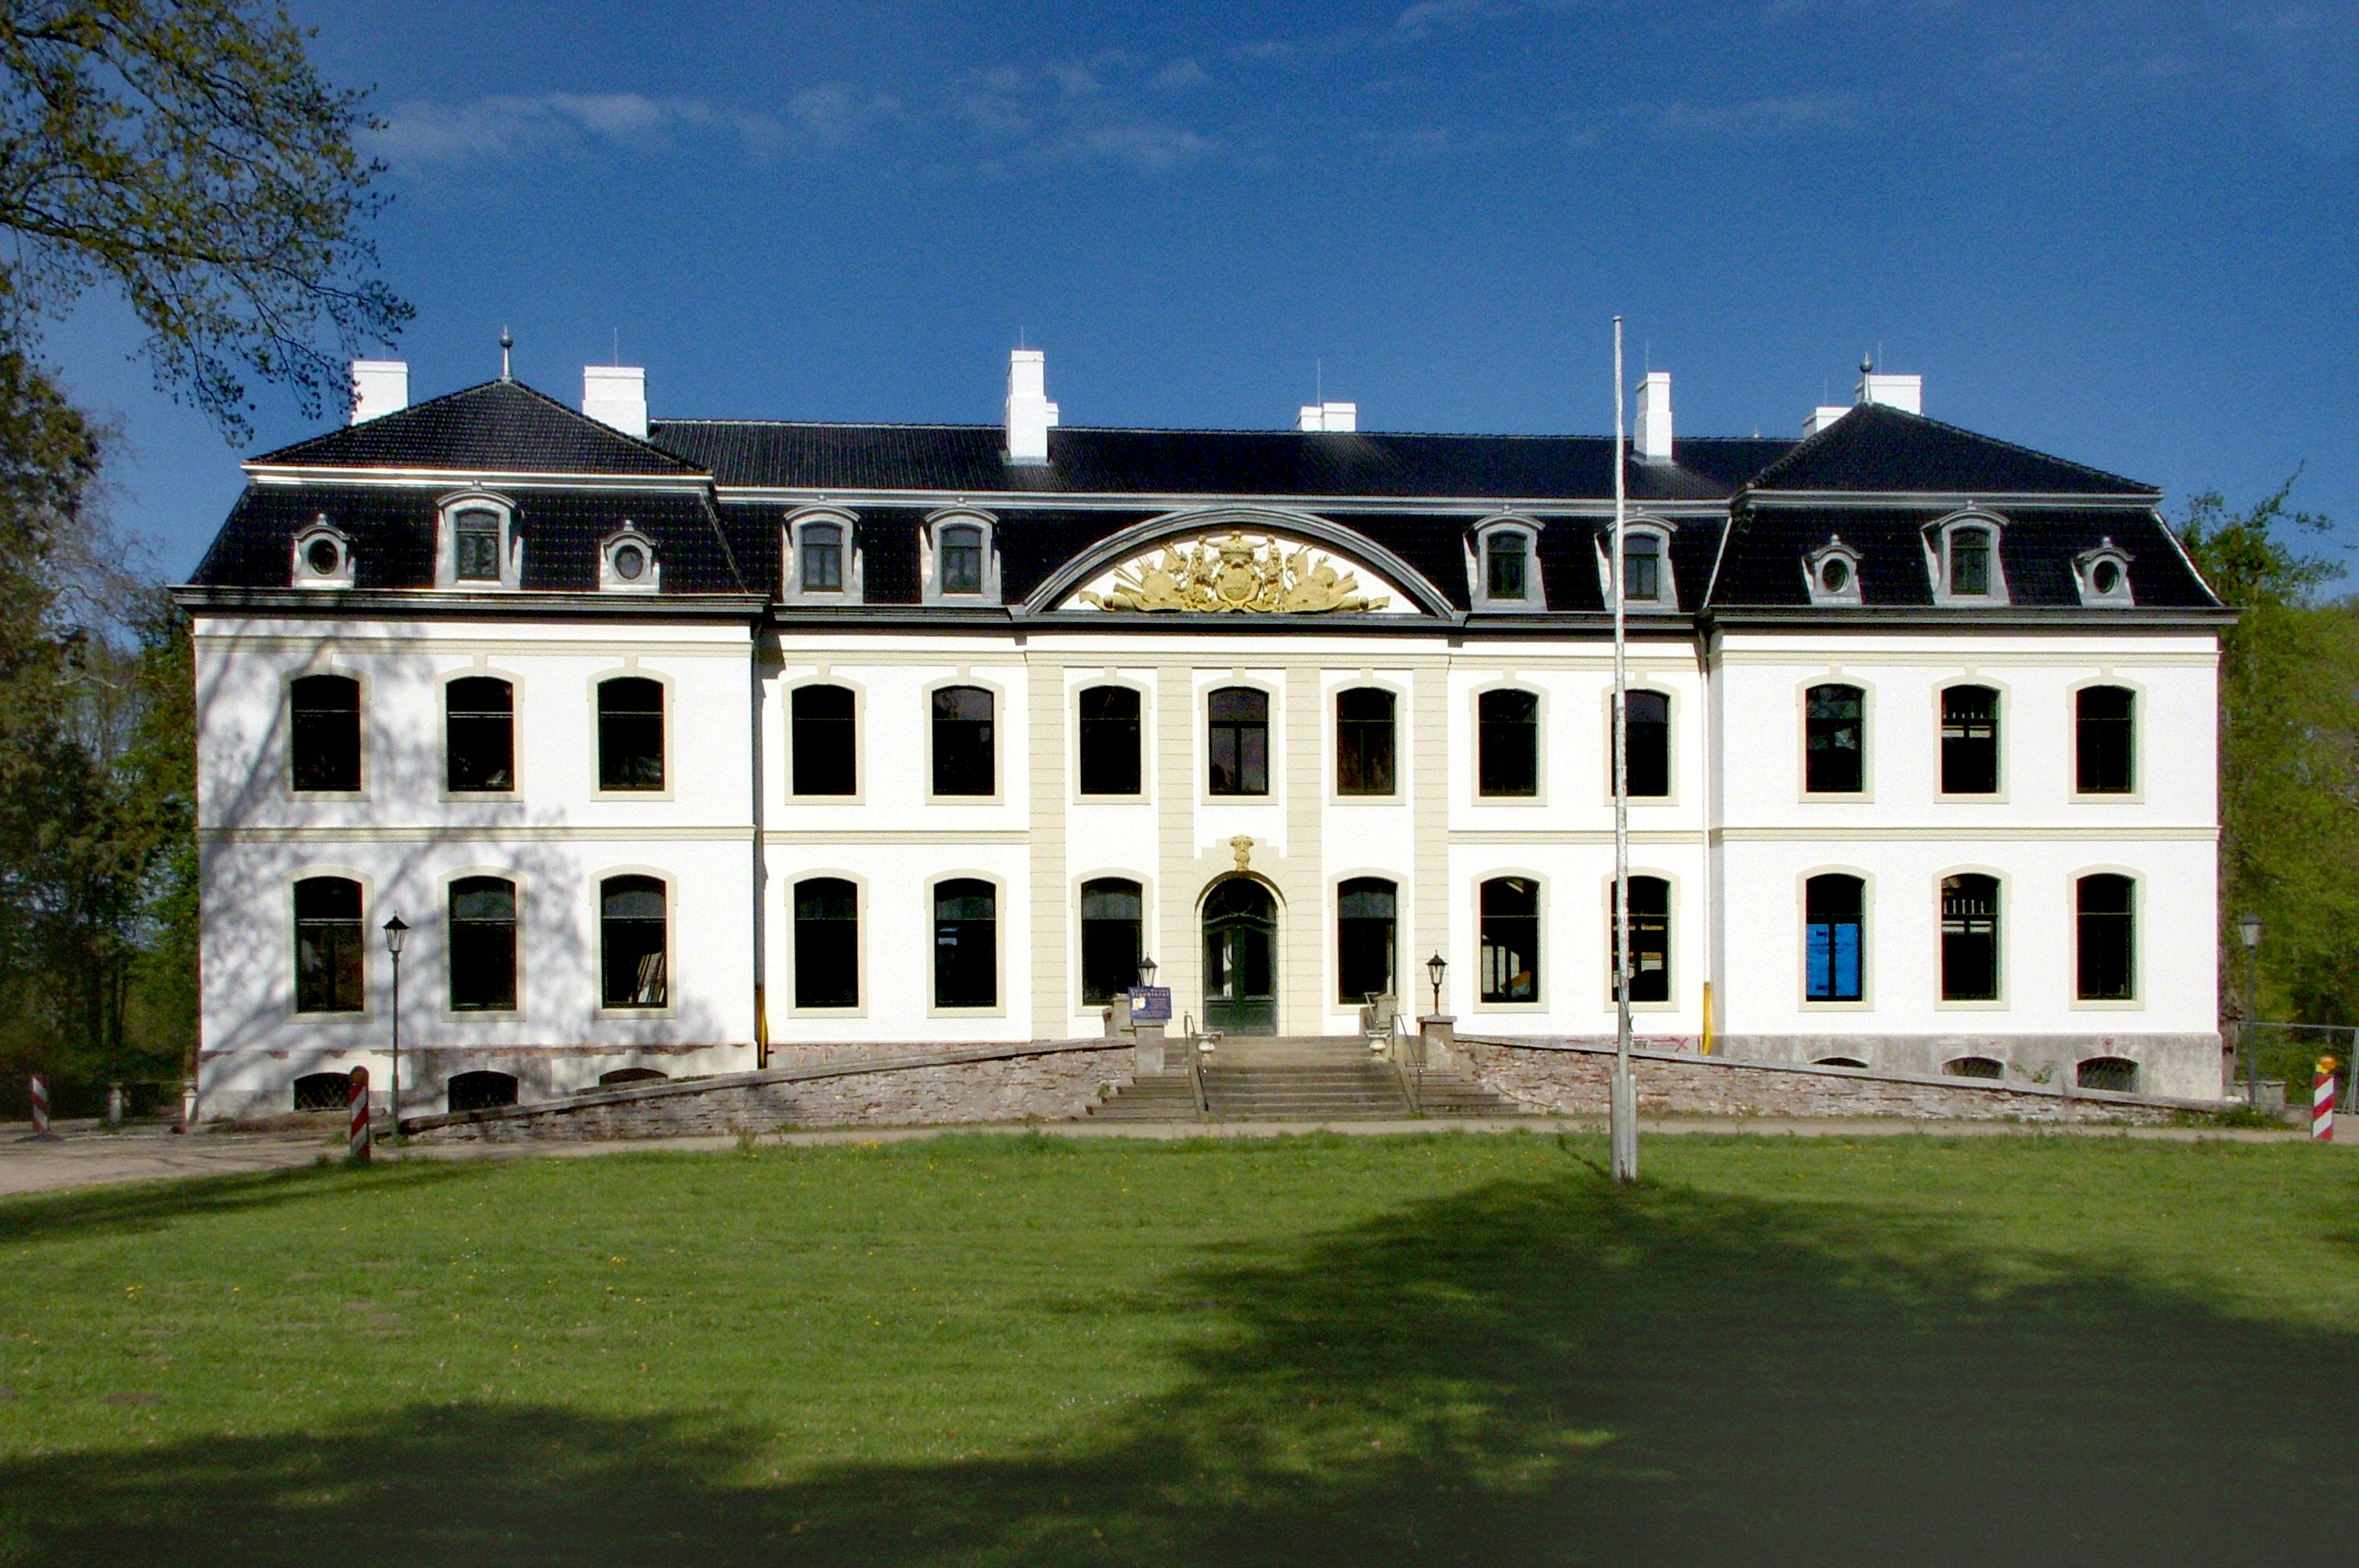 gut weißenhaus - wikiwand - Herrenhaus 12 Jahrhundert Modernen Hotel